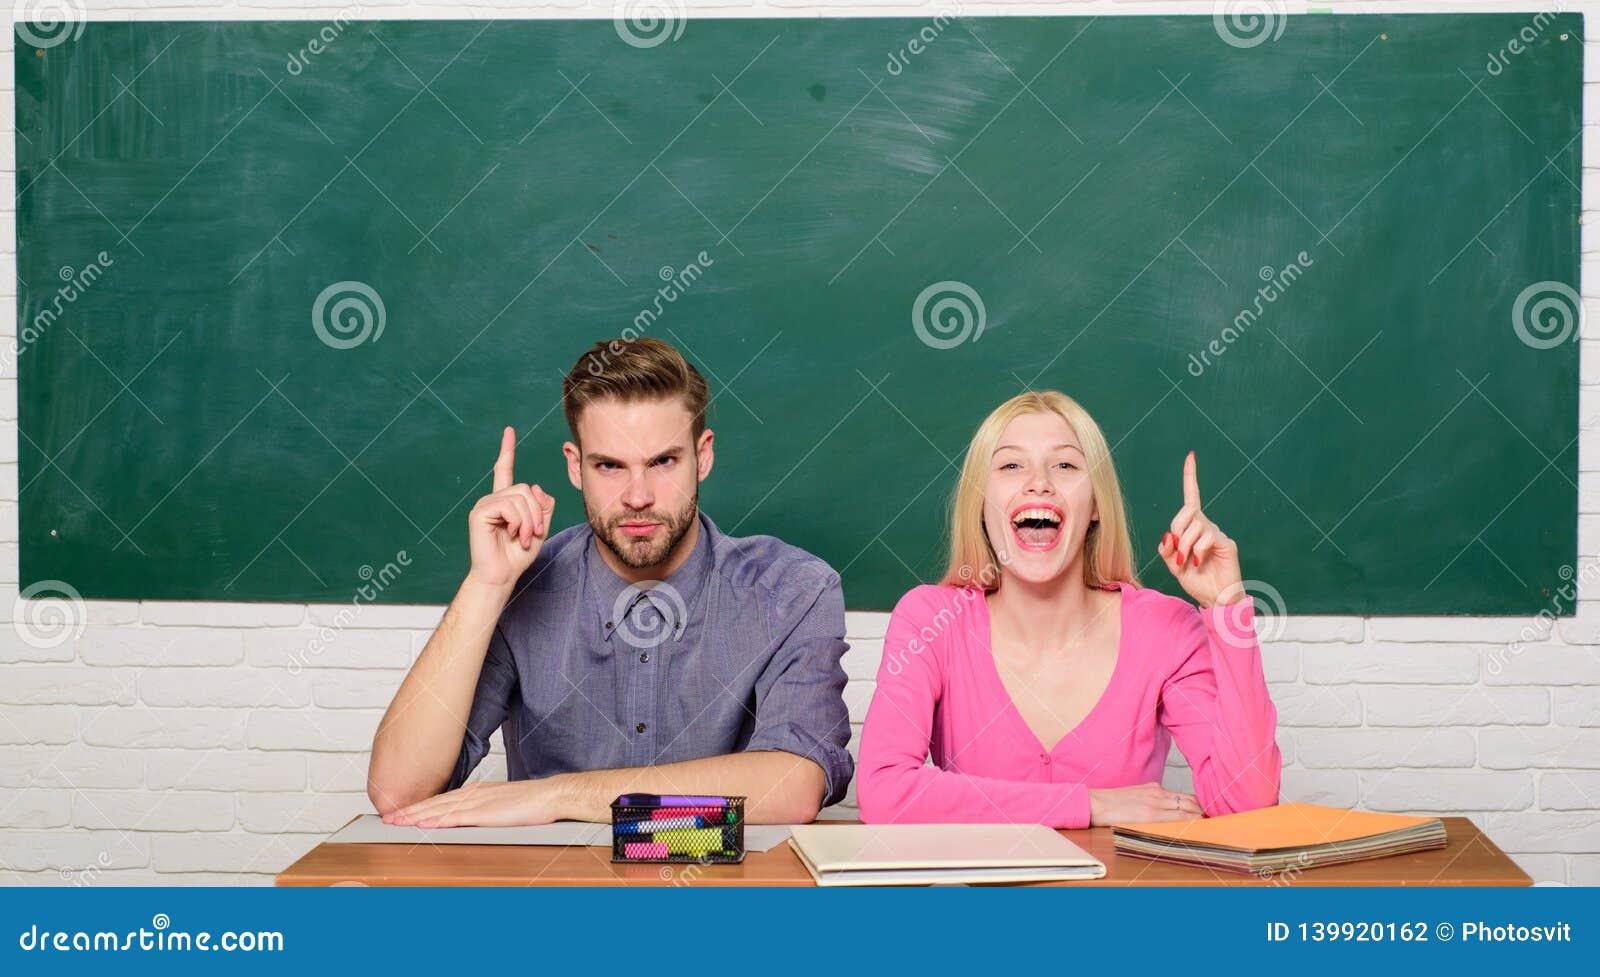 Grabben och flickan sitter på skrivbordet i klassrum Korrekt svar på deras mening Studera i högskola eller universitet Applicera